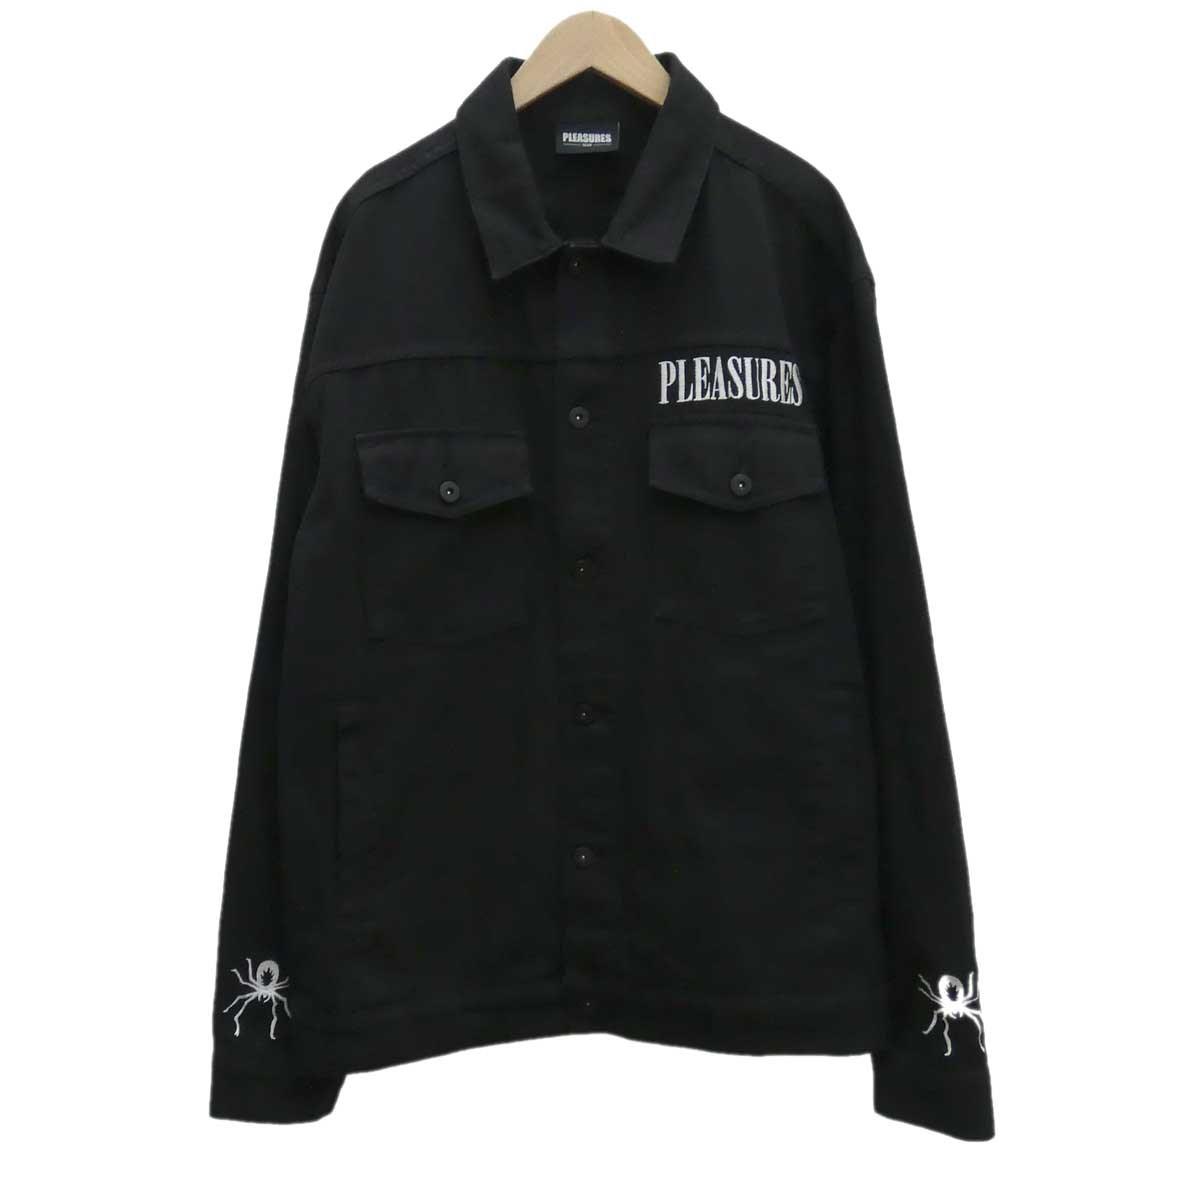 【中古】PLEASURES スパイダーデニムジャケット ブラック サイズ:L 【080120】(プレジャーズ)